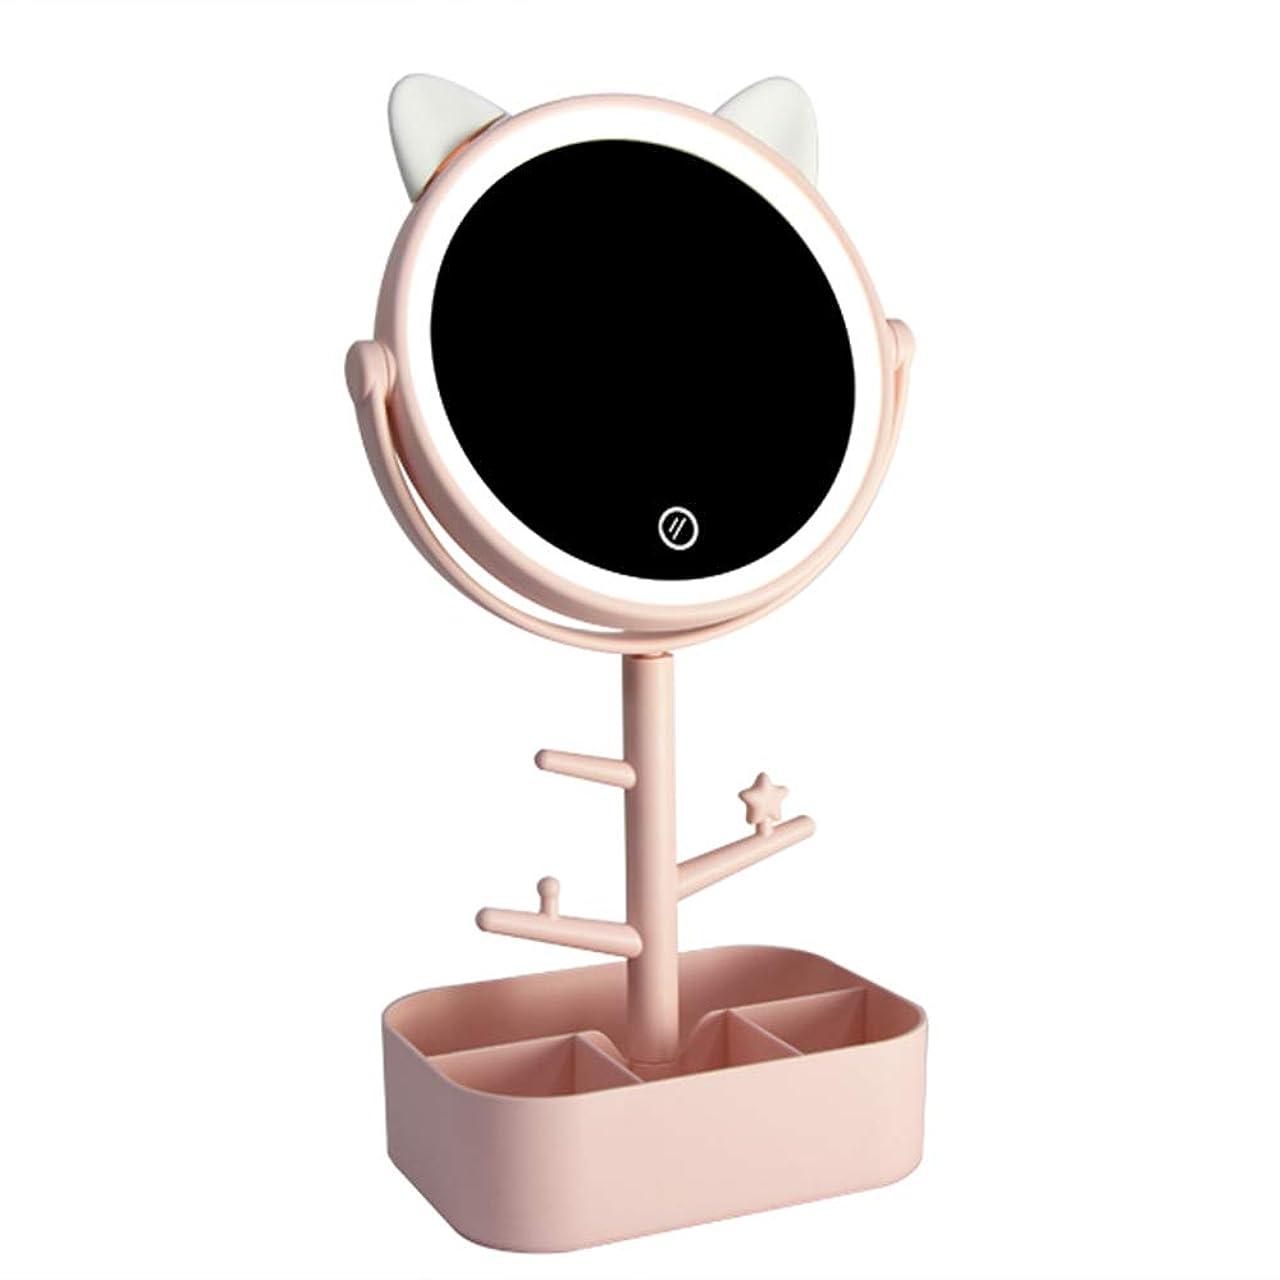 私たち旋律的ガイダンスLecone LED化粧鏡 女優ミラー 卓上ミラー 180度調整可能 スタンドミラー LEDライト メイク 化粧道具 円型 収納ケース 可収納 USB給電 (猫ーピンク)